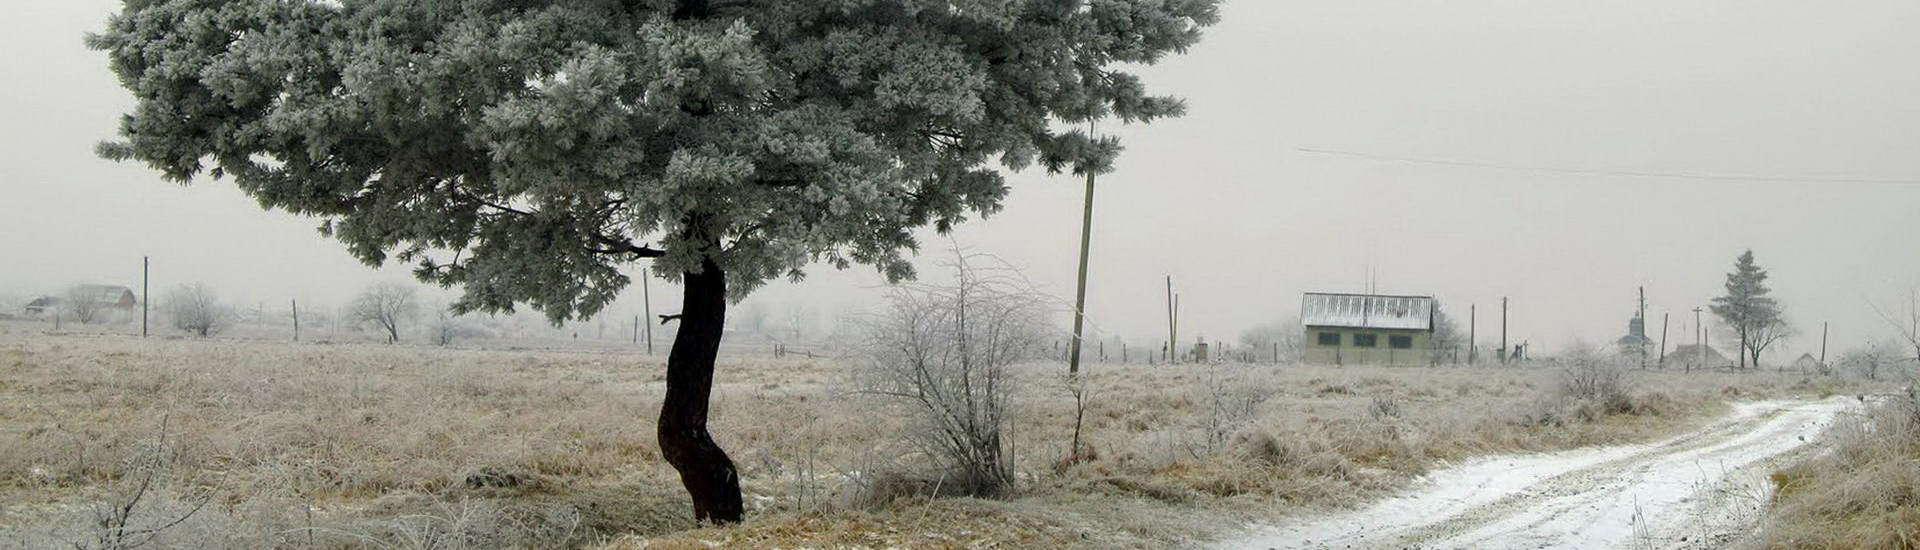 Богородчанський район, смт Солотвин